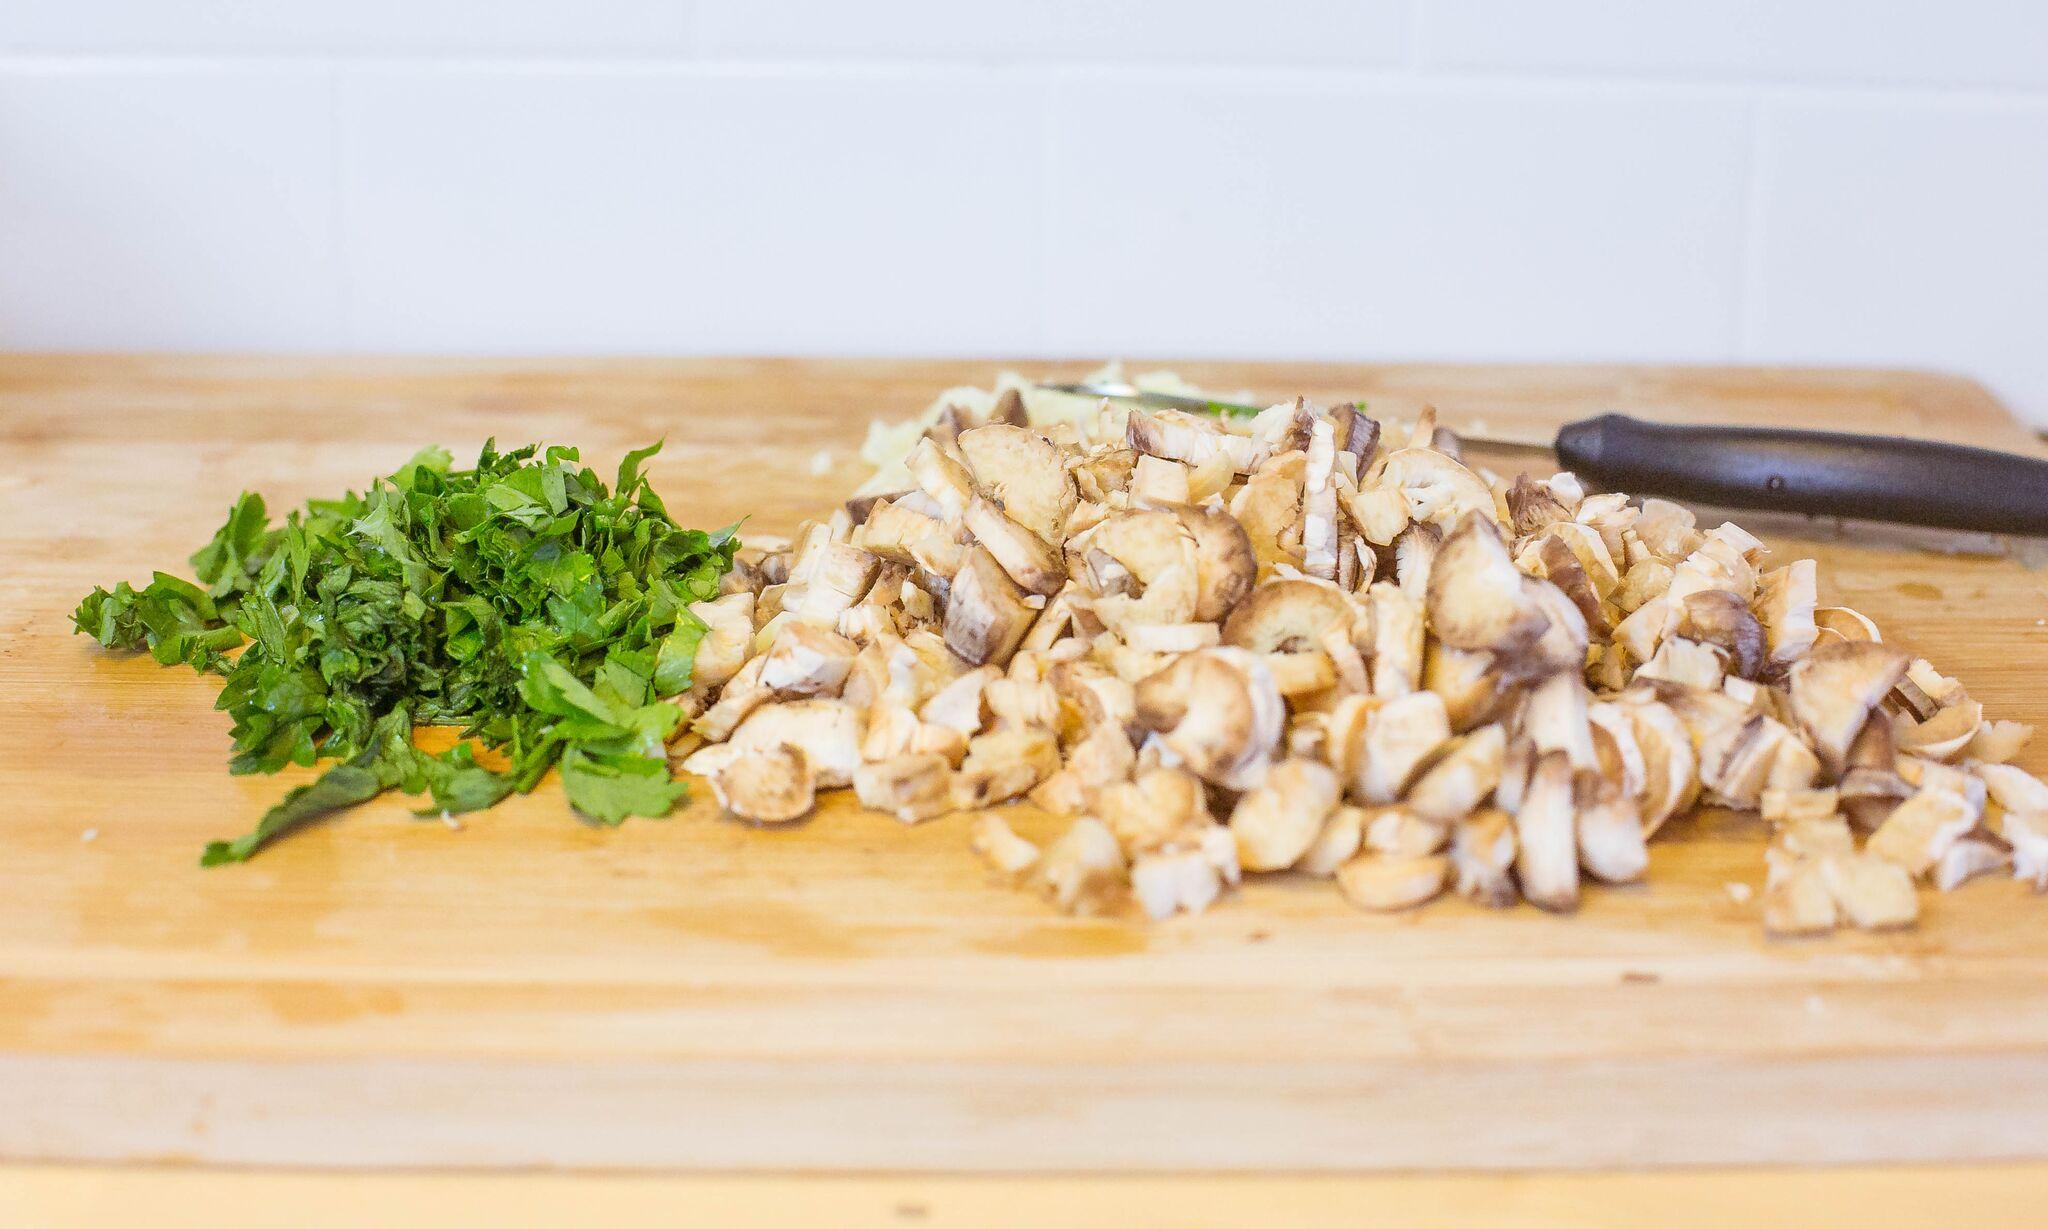 Chop garlic, parsley, and mushrooms.